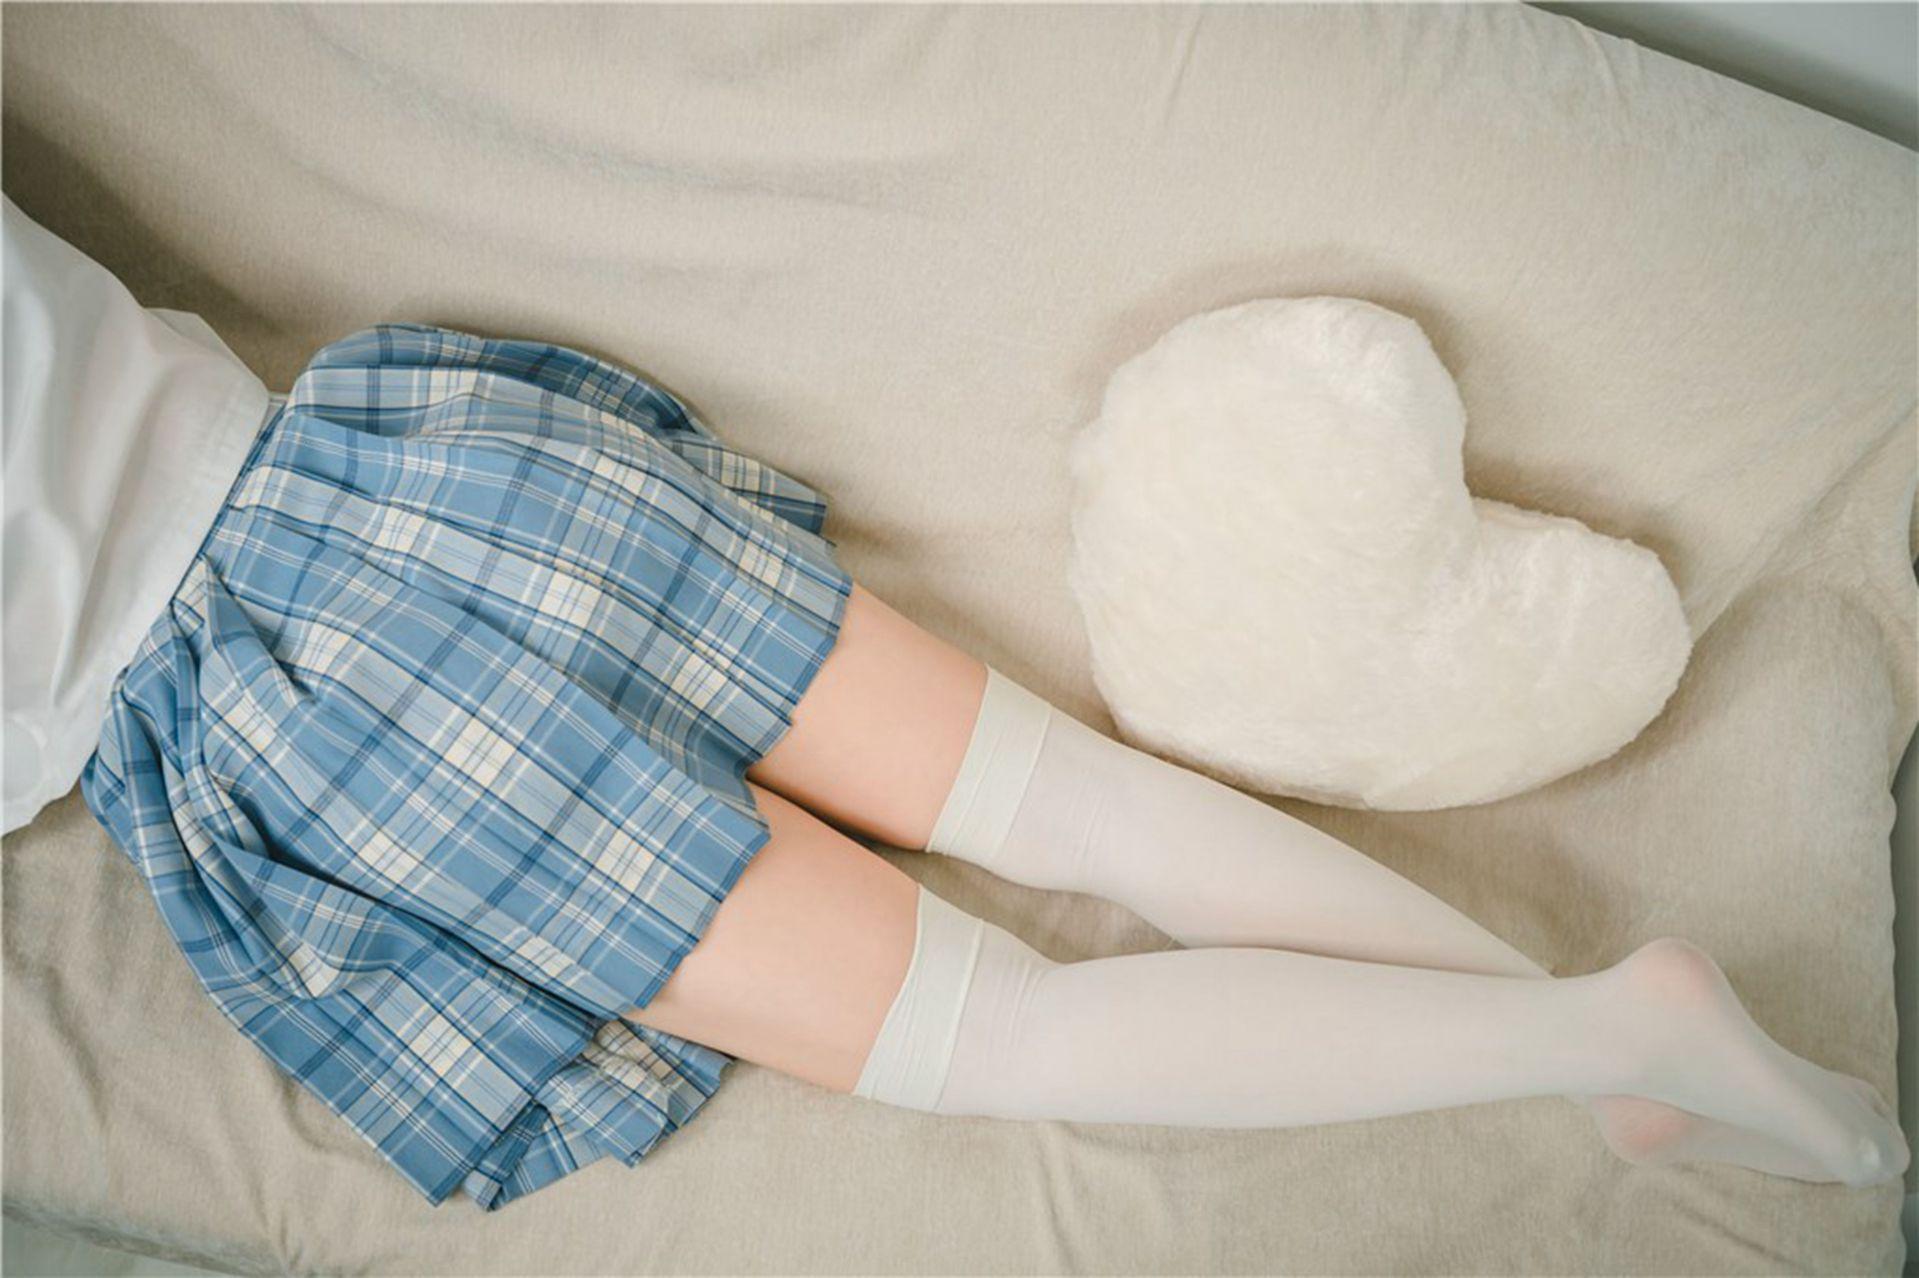 【风之领域】风之领域写真 NO.202 可爱少女的过膝白袜 [39P-260MB] 风之领域 第3张